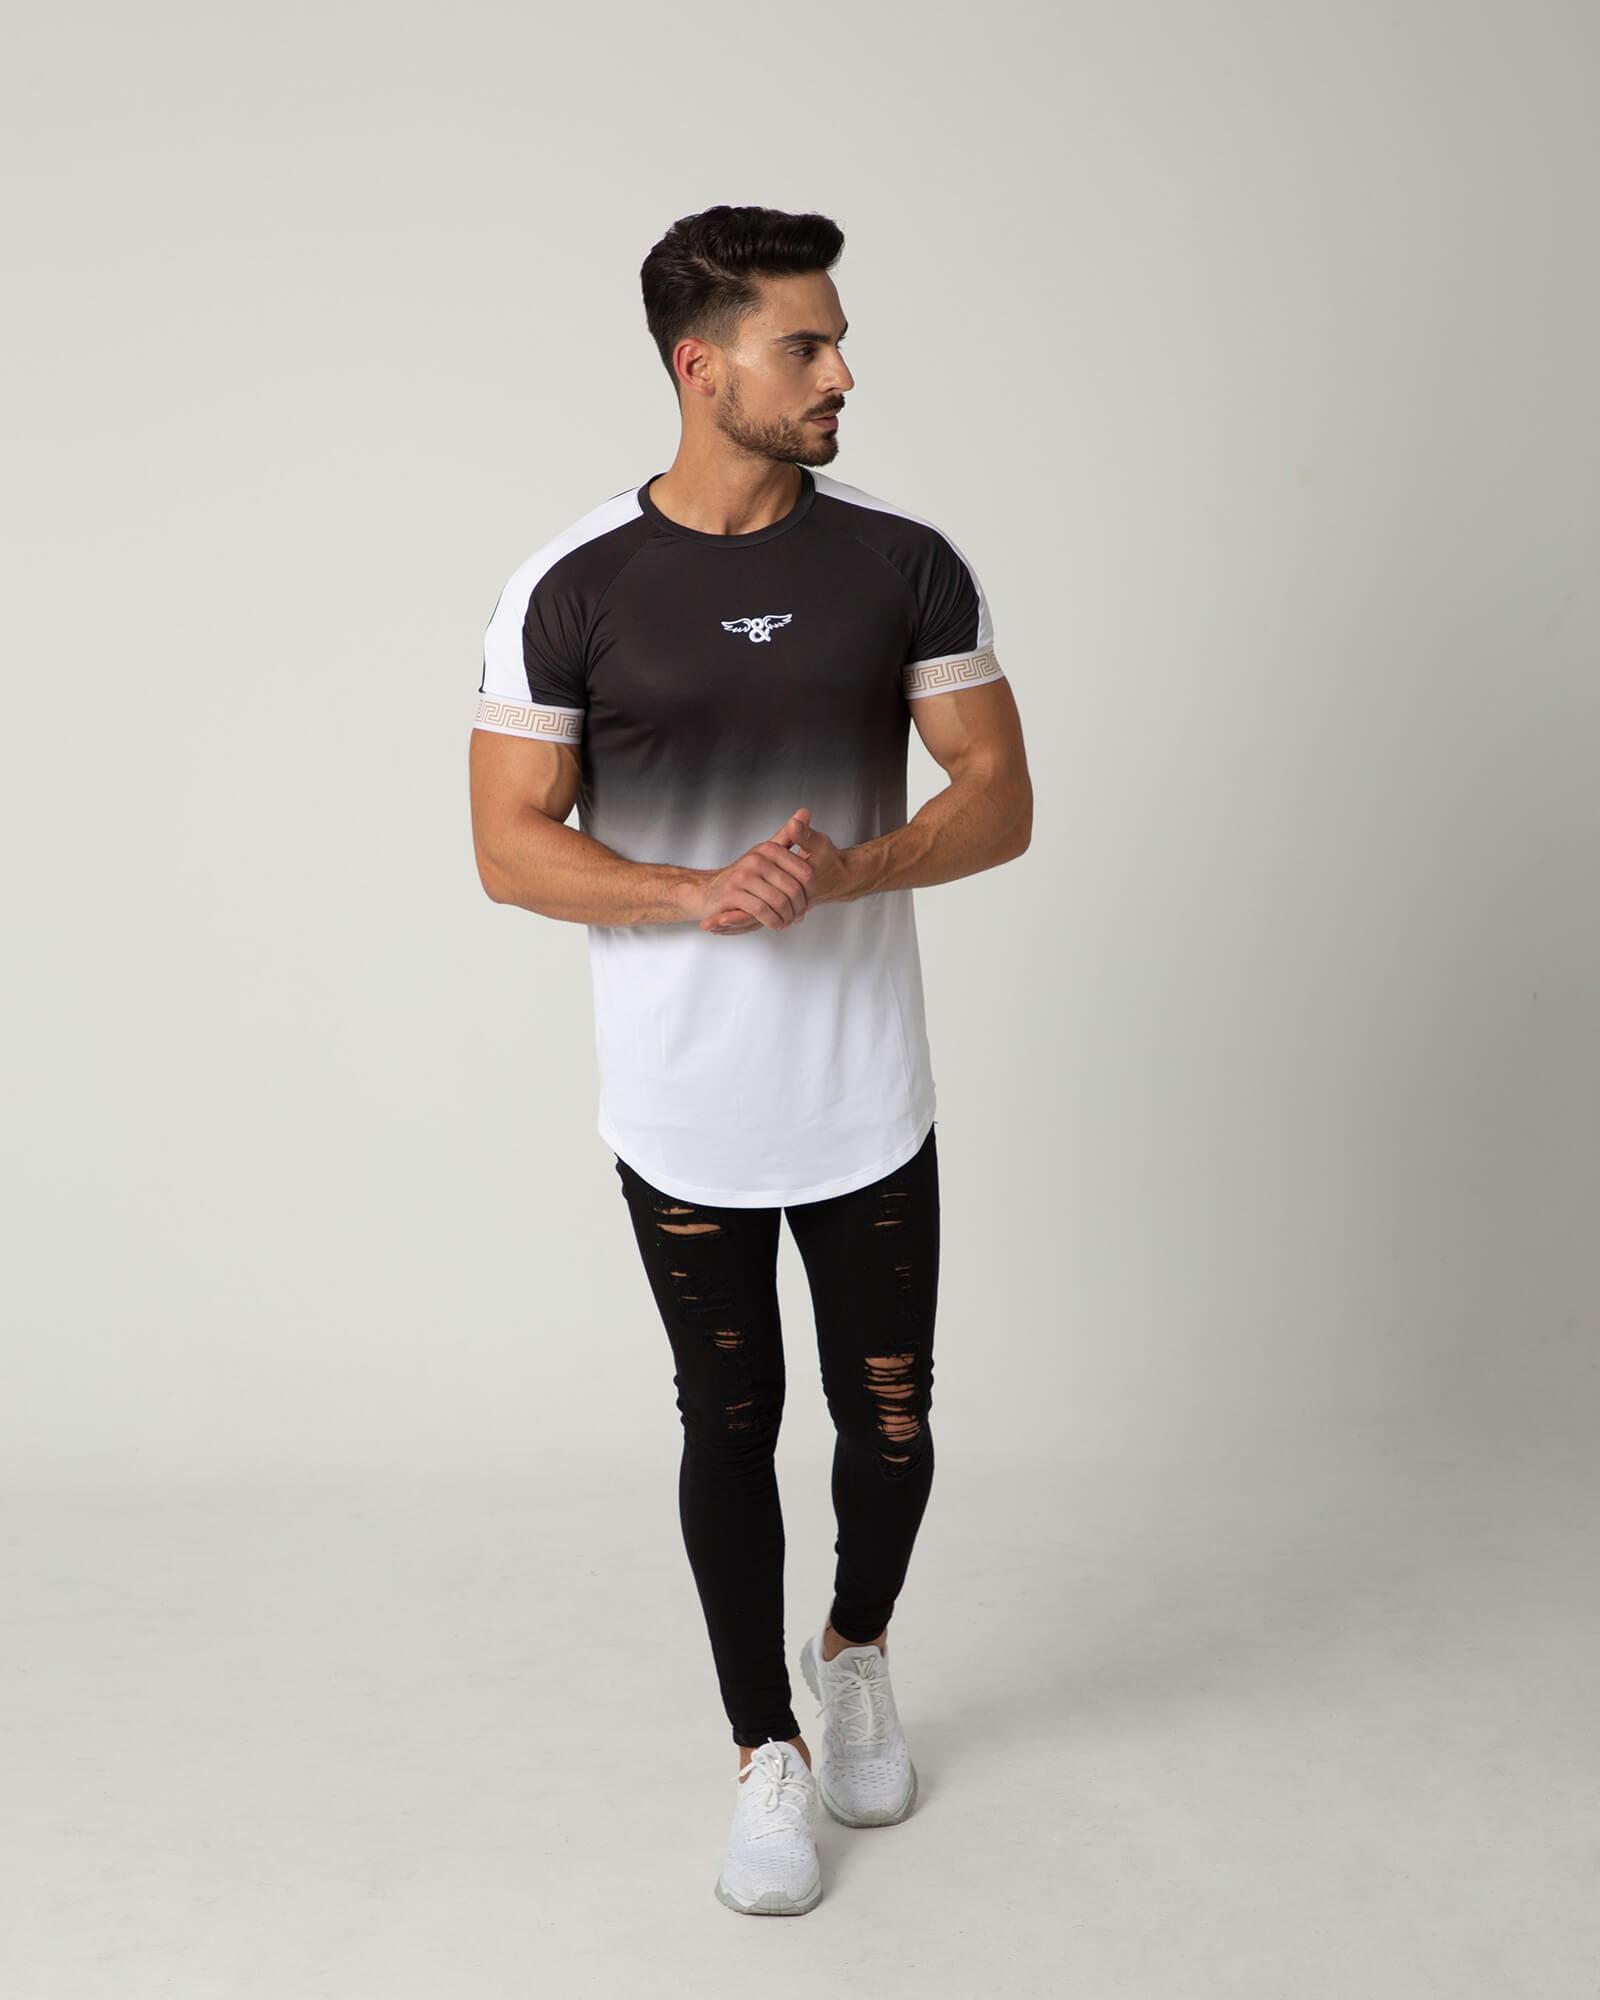 Camiseta Greek Night de la marca ELIU. Slim fit. Moda para hombres de estilo urbano ELIU streetwear.